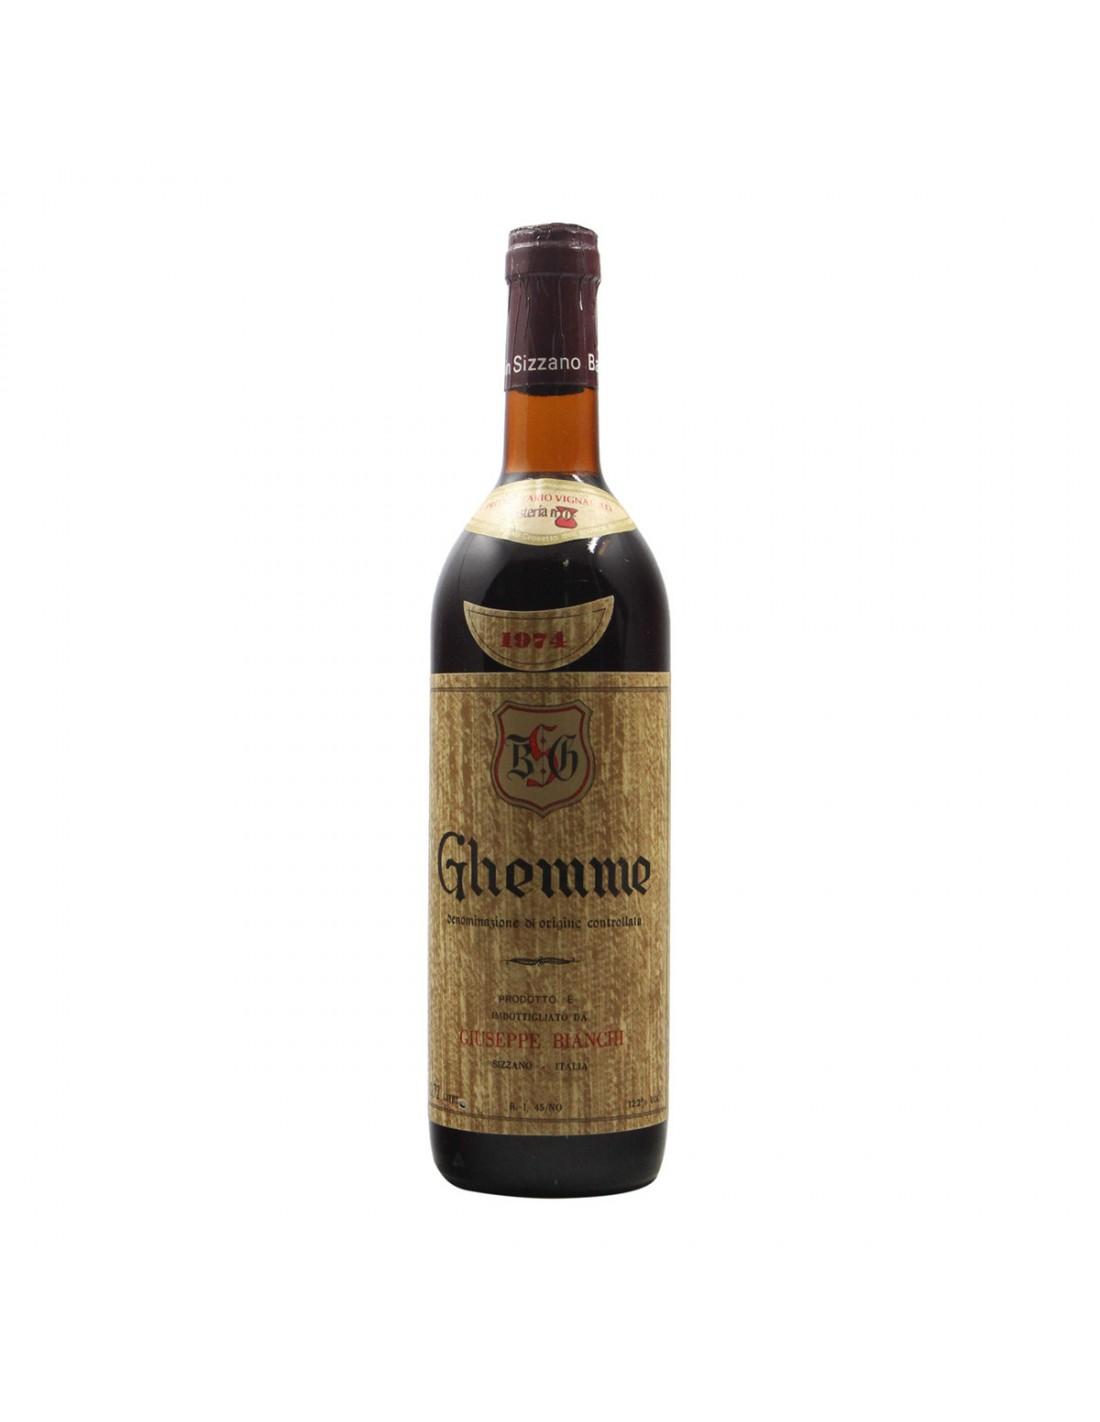 GHEMME 1974 GIOVANNI BIANCHI Grandi Bottiglie